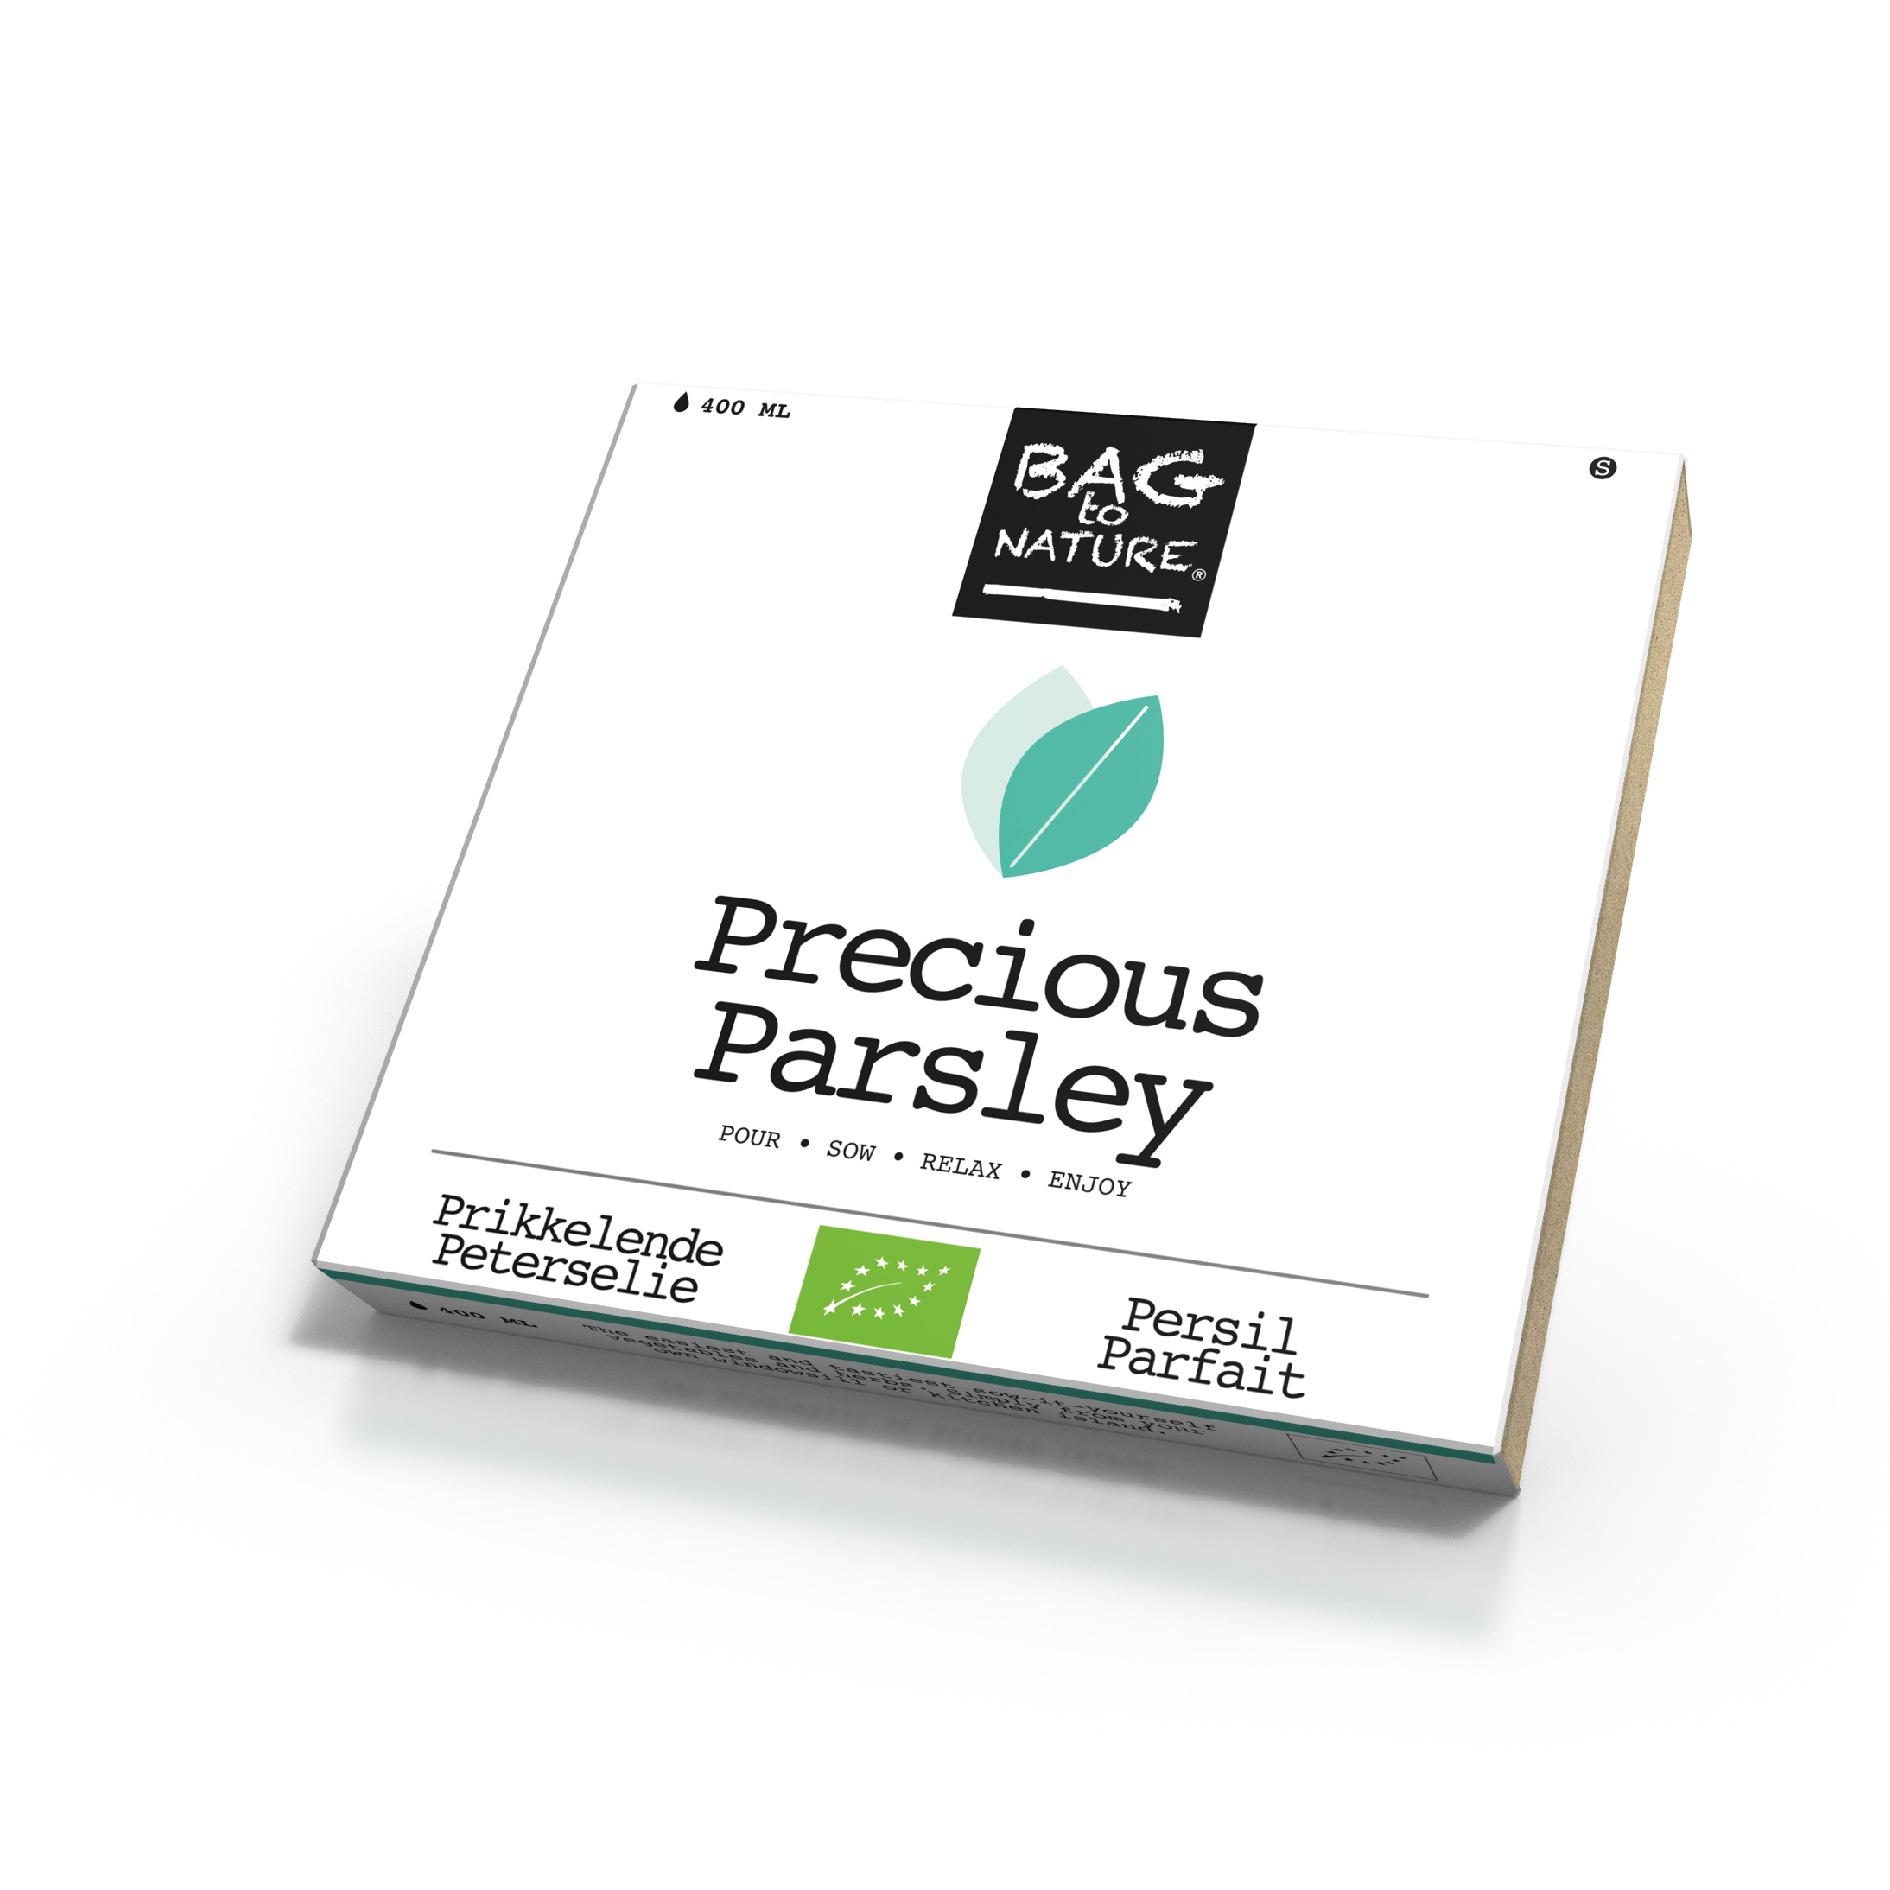 Precious Parsley